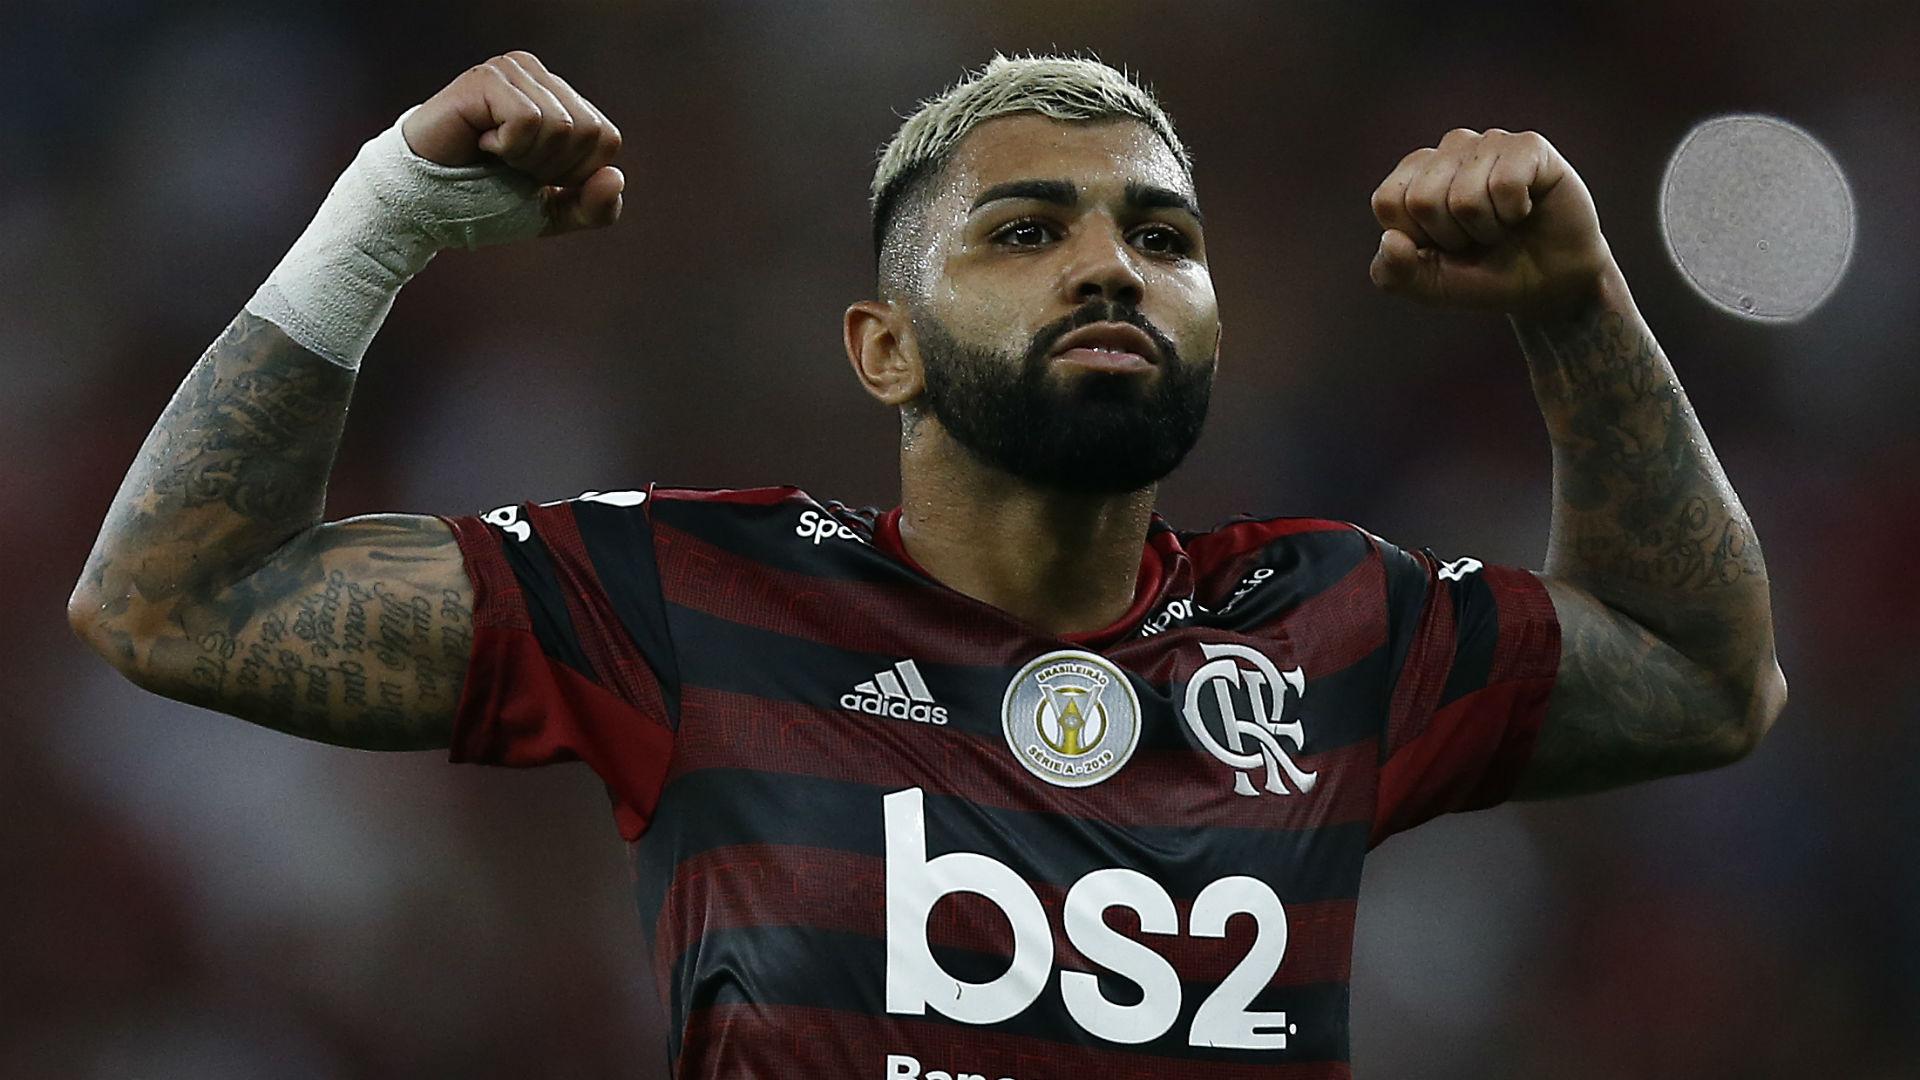 Apostas: Flamengo ganha do River e do Liverpool. E pode perder Jesus pra Seleção Brasileira?